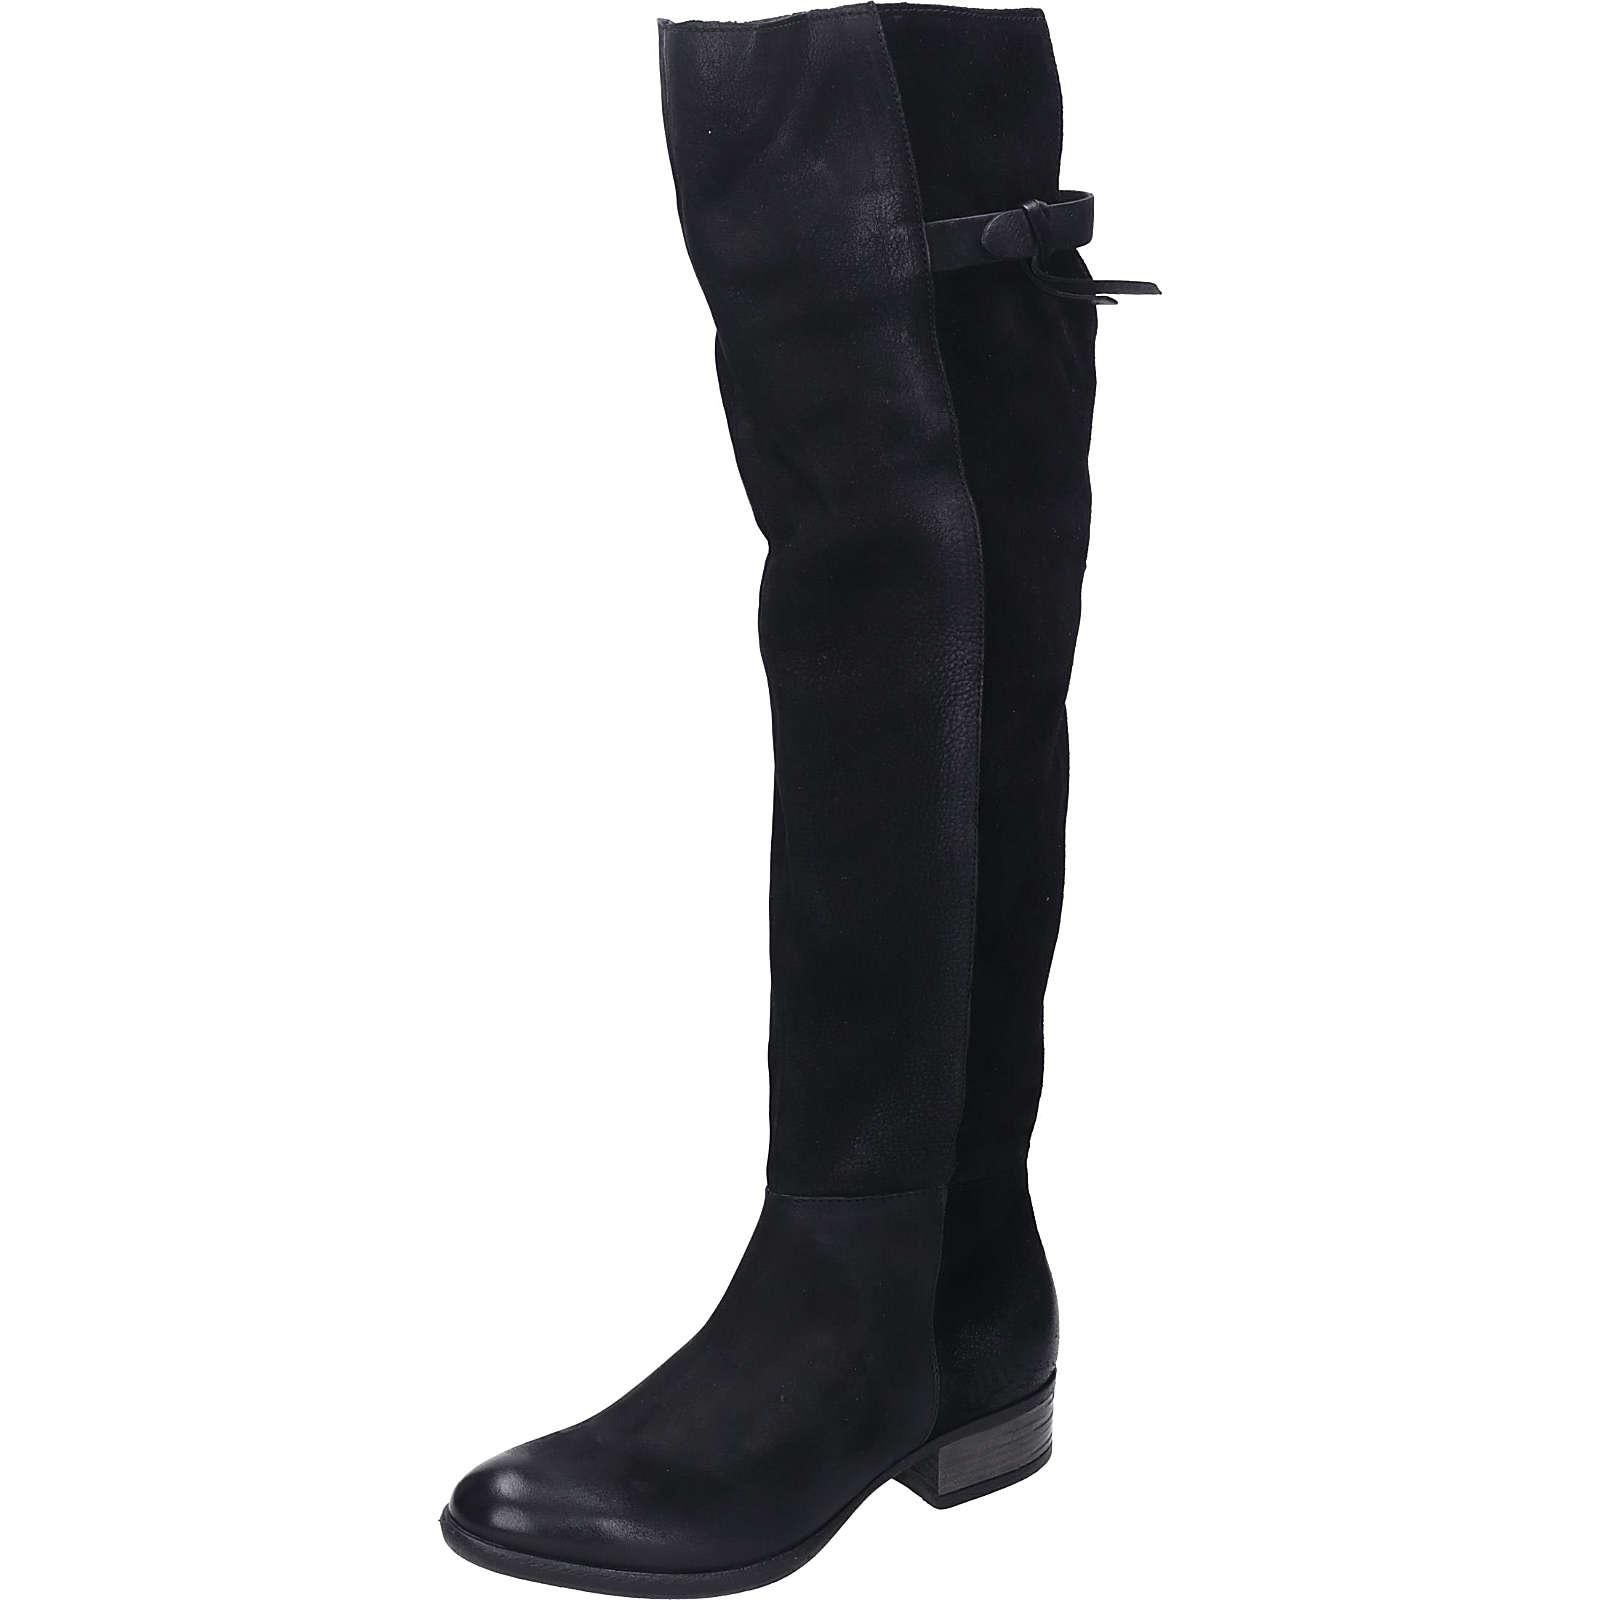 Piazza Damen Stiefel Klassische Stiefel schwarz Damen Gr. 42